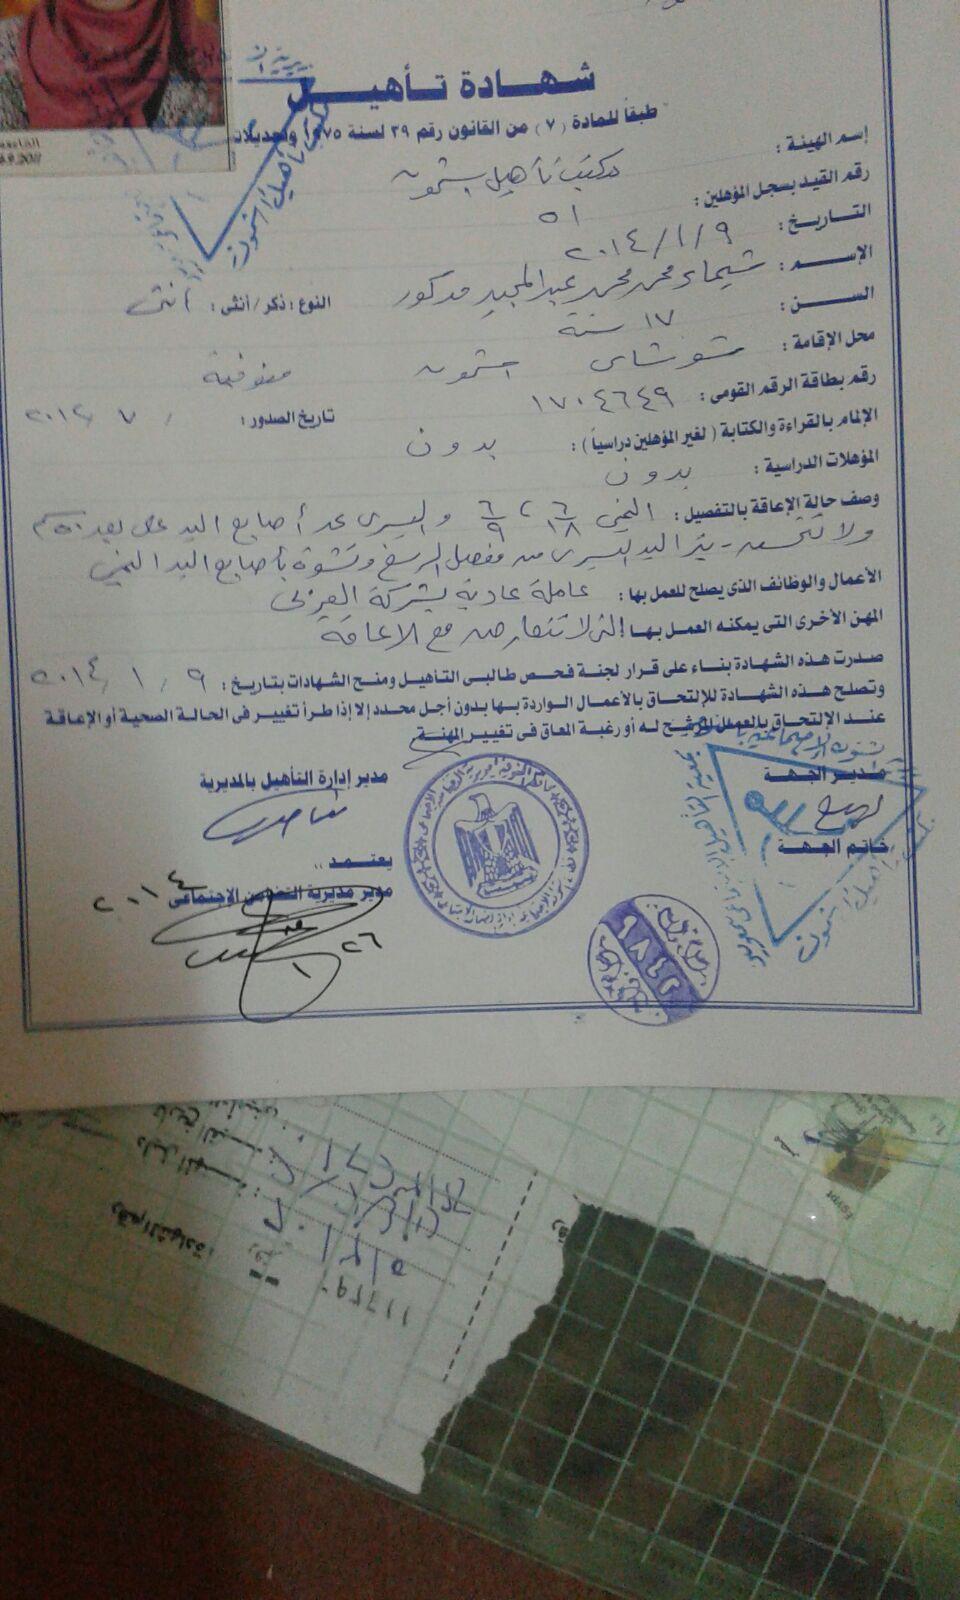 شهادة التأهيل التي حصلت عليها المواطنة شيماء محمد